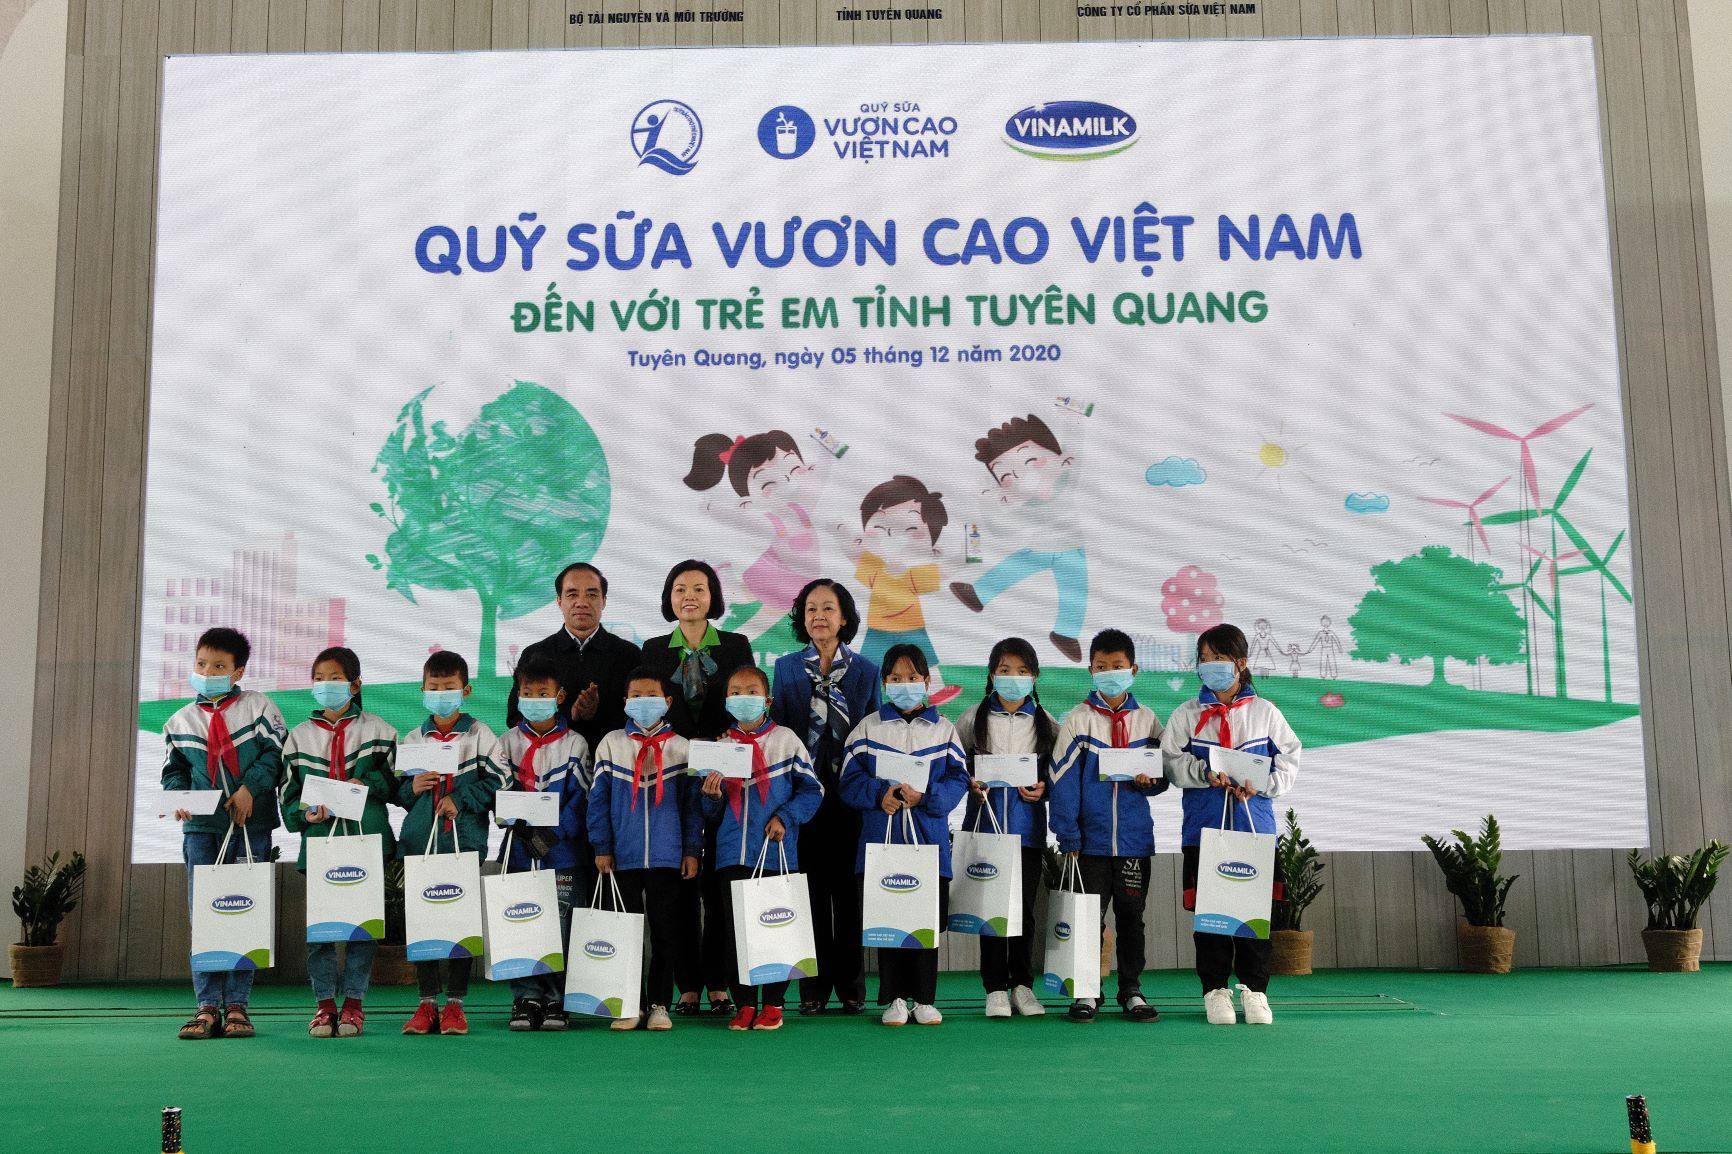 """Quỹ 1 triệu cây xanh cho Việt Nam của Vinamilk - Chương trình vì môi trường tạo được """"dấu ấn xanh"""" đặc biệt với cộng đồng 10"""